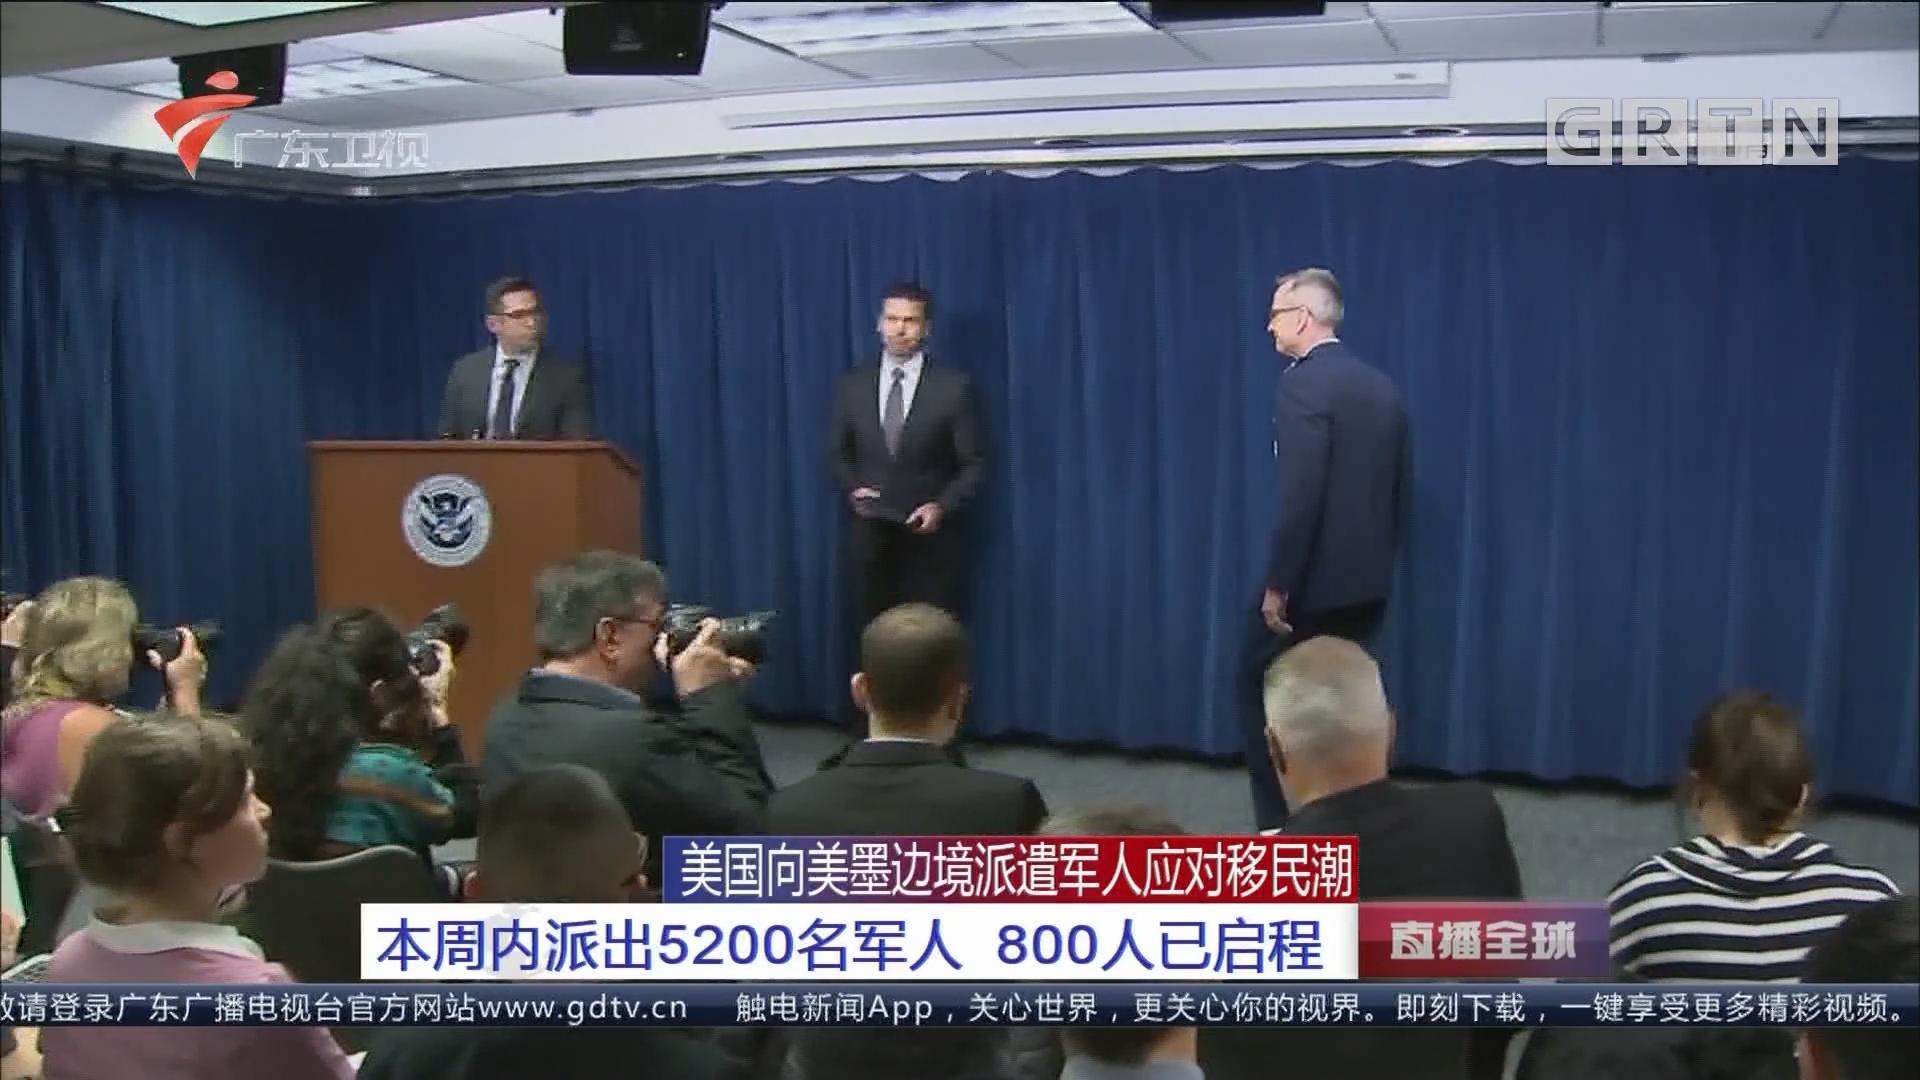 美国向美墨边境派遣军人应对移民潮:本周内派出5200名军人 800人已启程